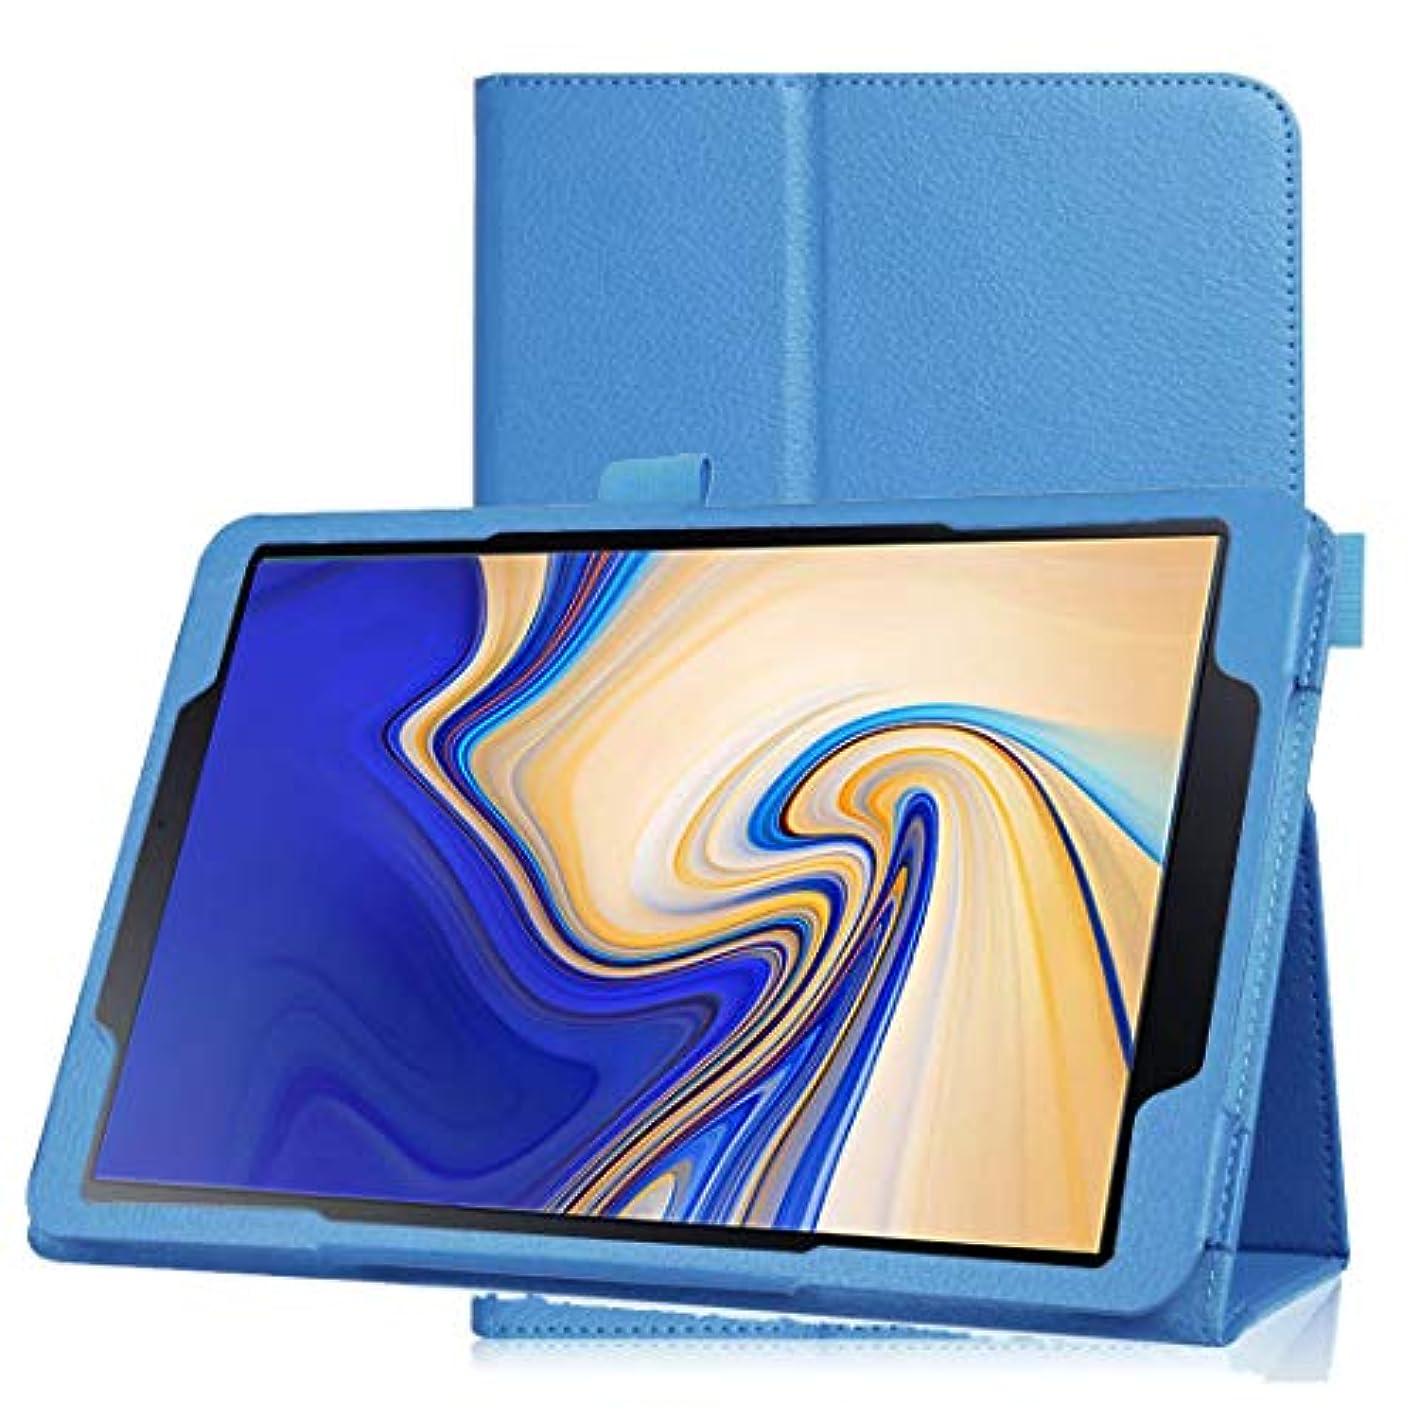 プラットフォームイデオロギー傑作Galaxy tab a 10.5 全面保護ケース INorton 本革ケース スタンド機能 衝撃吸収 PUレザー 軽量薄型 排熱性アップ ソフトケース T830 T835対応